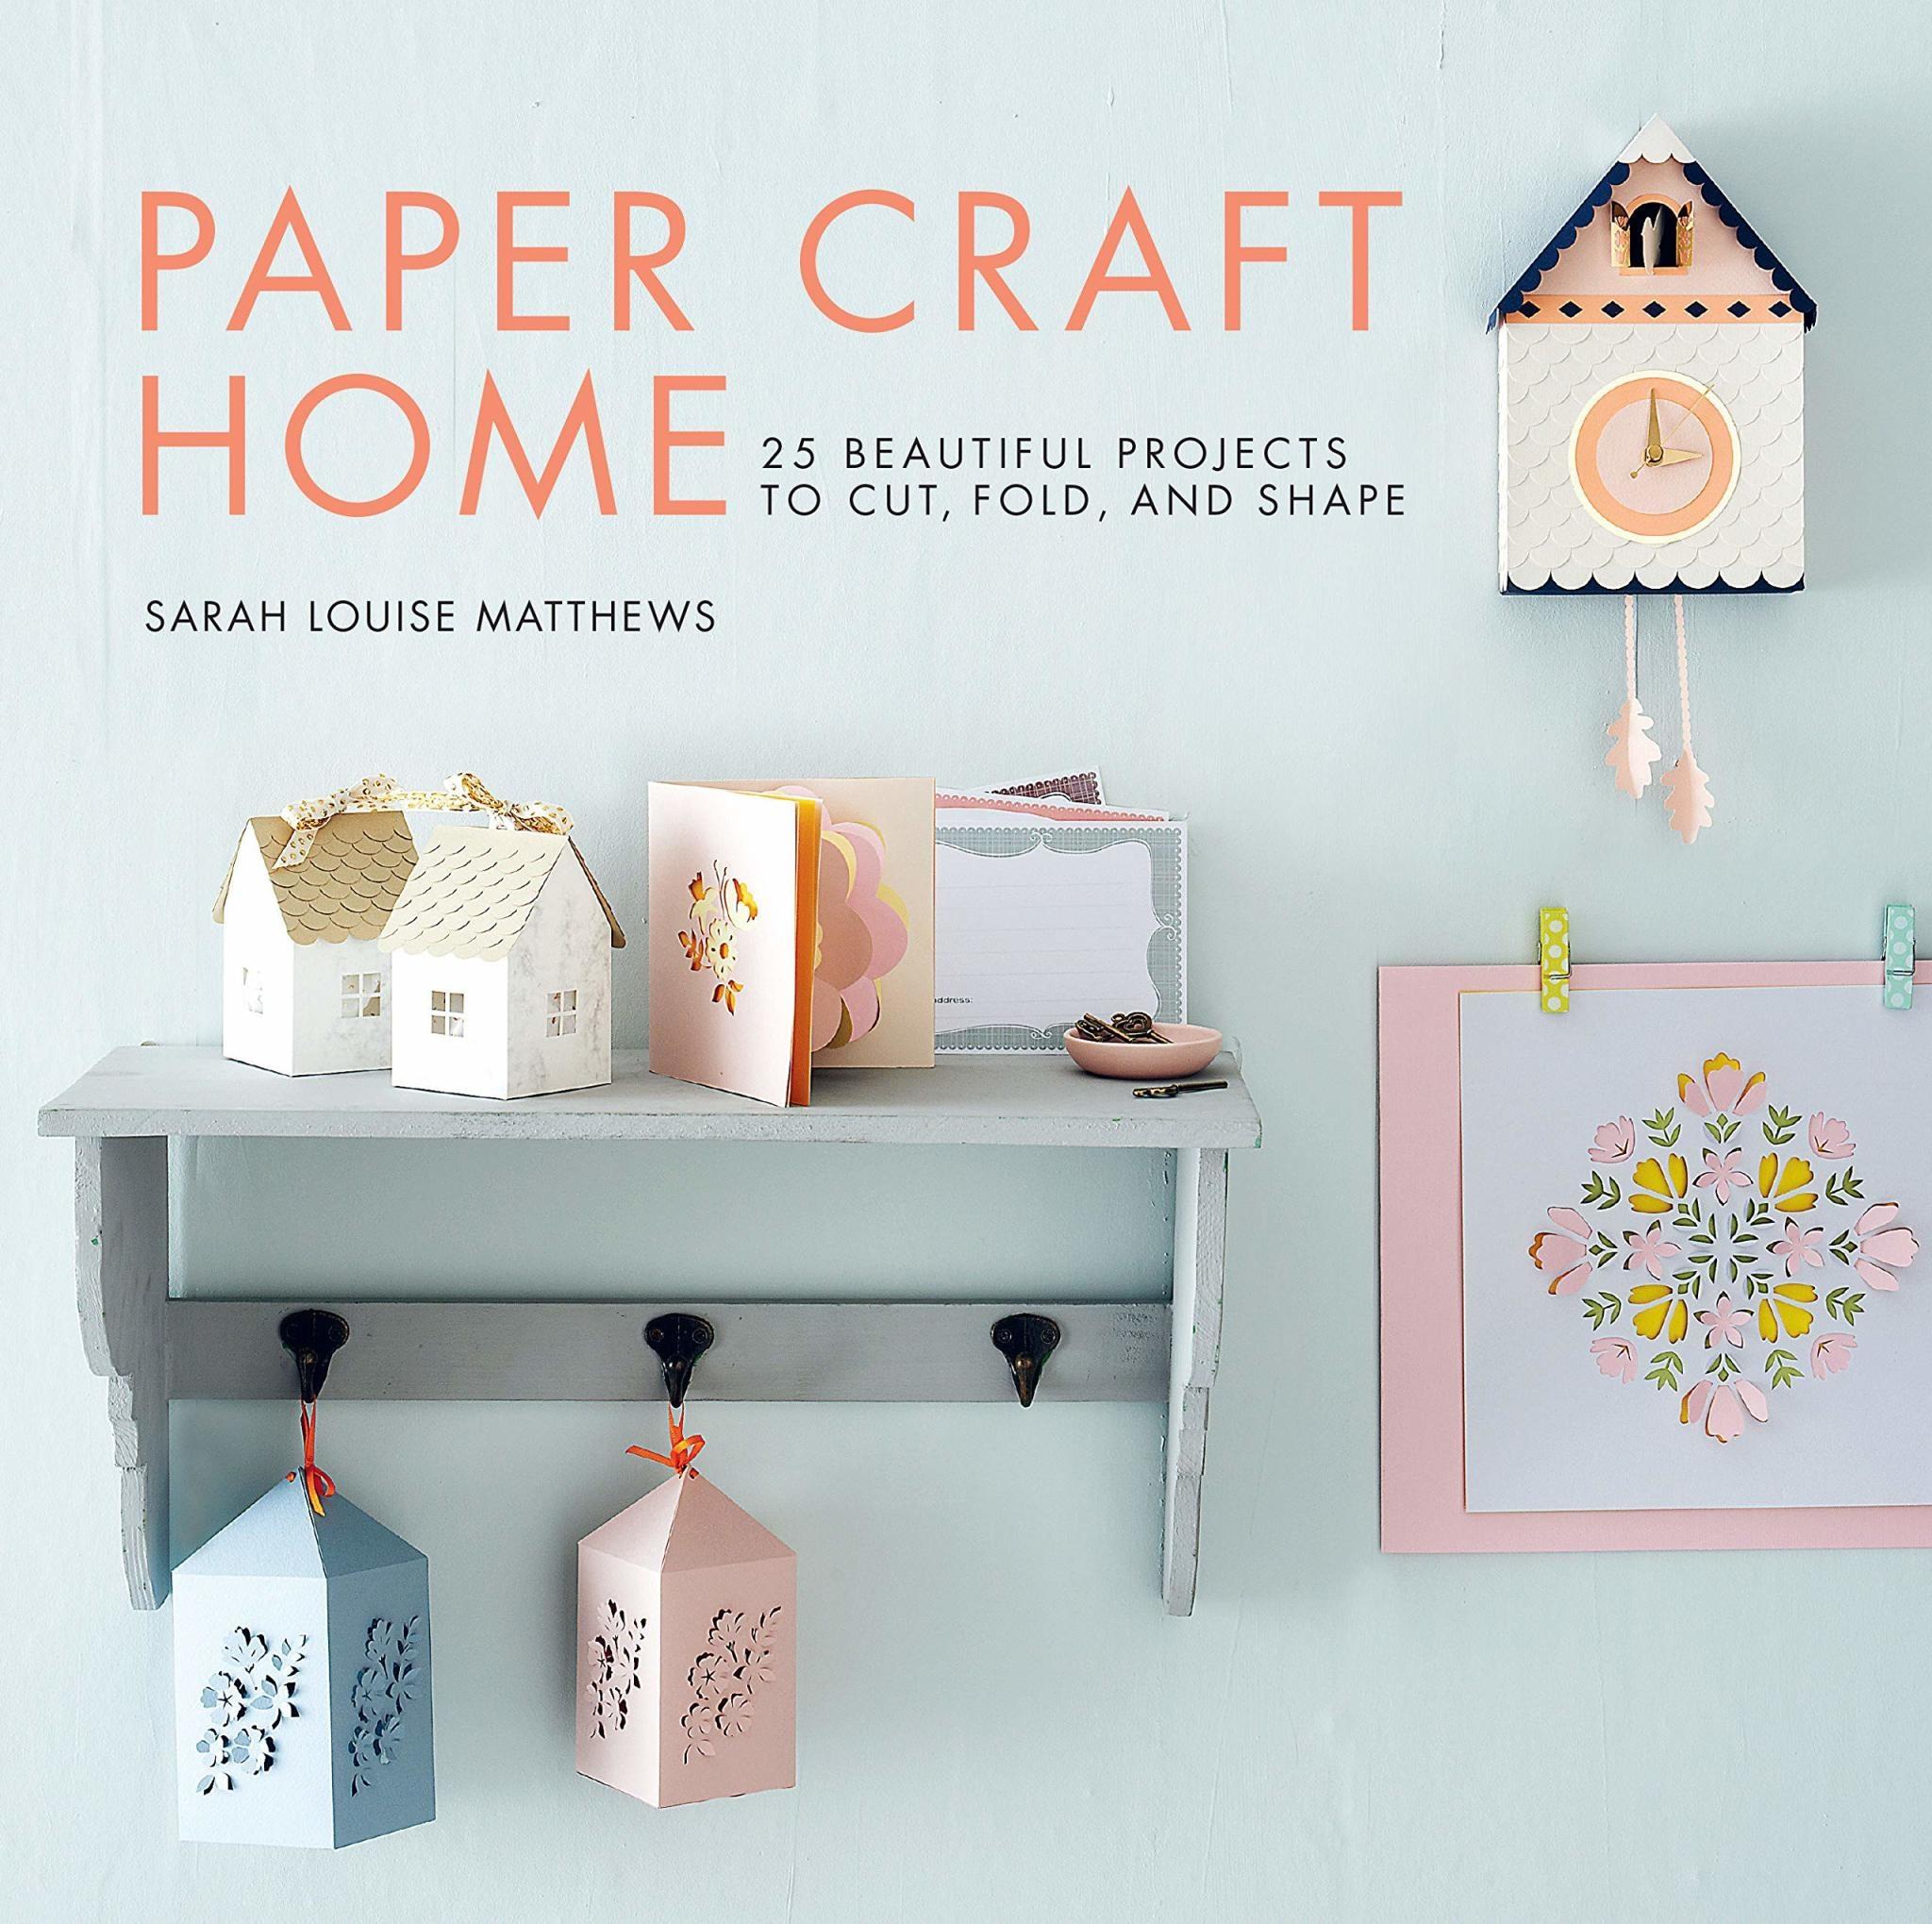 Paper Craft Home Book